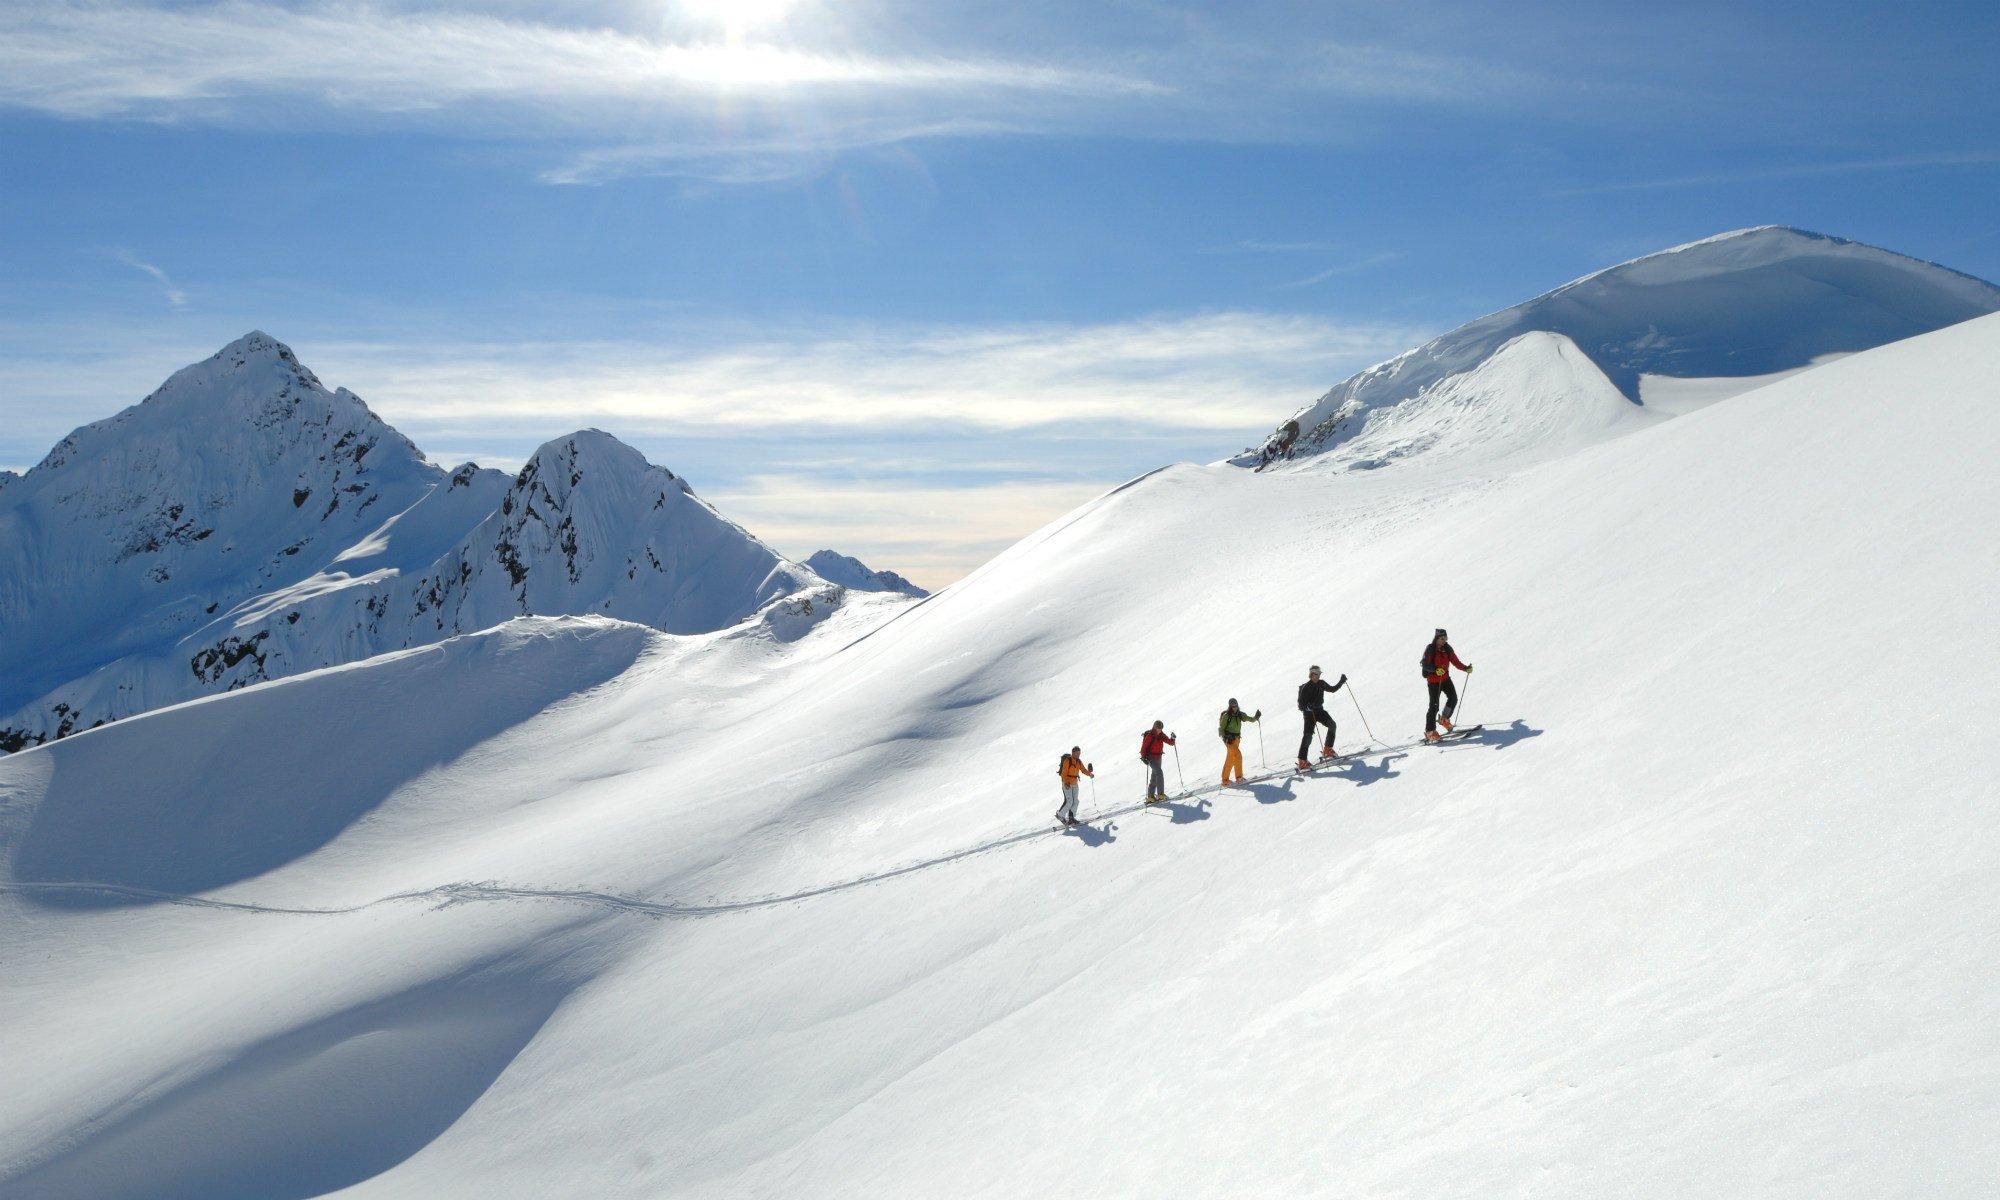 Un gruppo mentre un'escursione di sci alpinismo su una montagna nel comprensorio sciistico St. Anton am Arlberg.